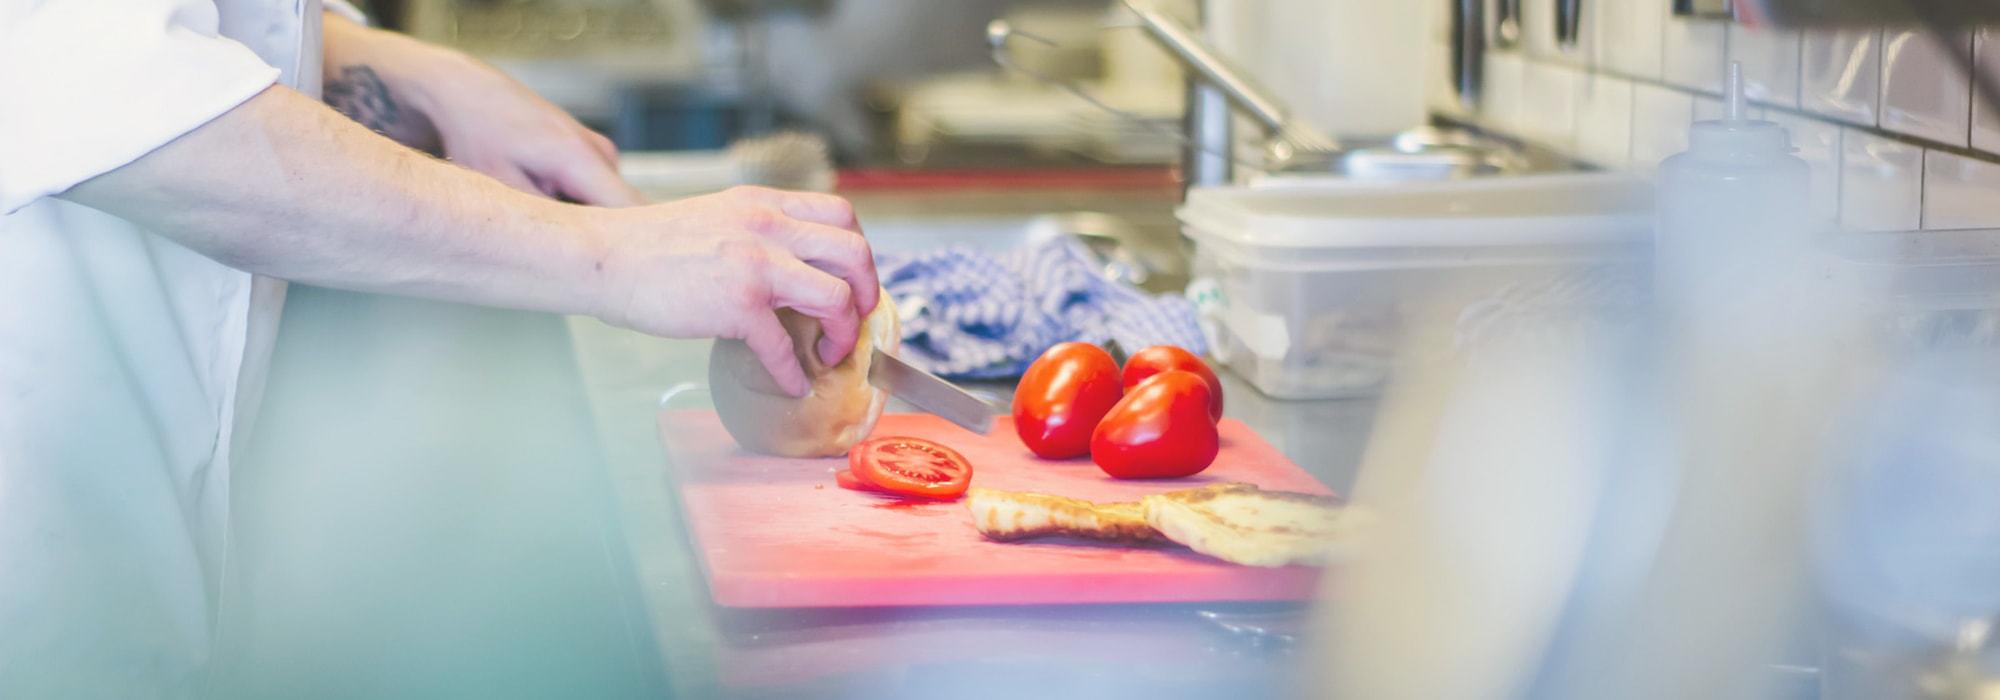 西餐廚師學徒招聘|全面解構西式廚房工作與晉升階梯|Kama Delivery到會外賣服務